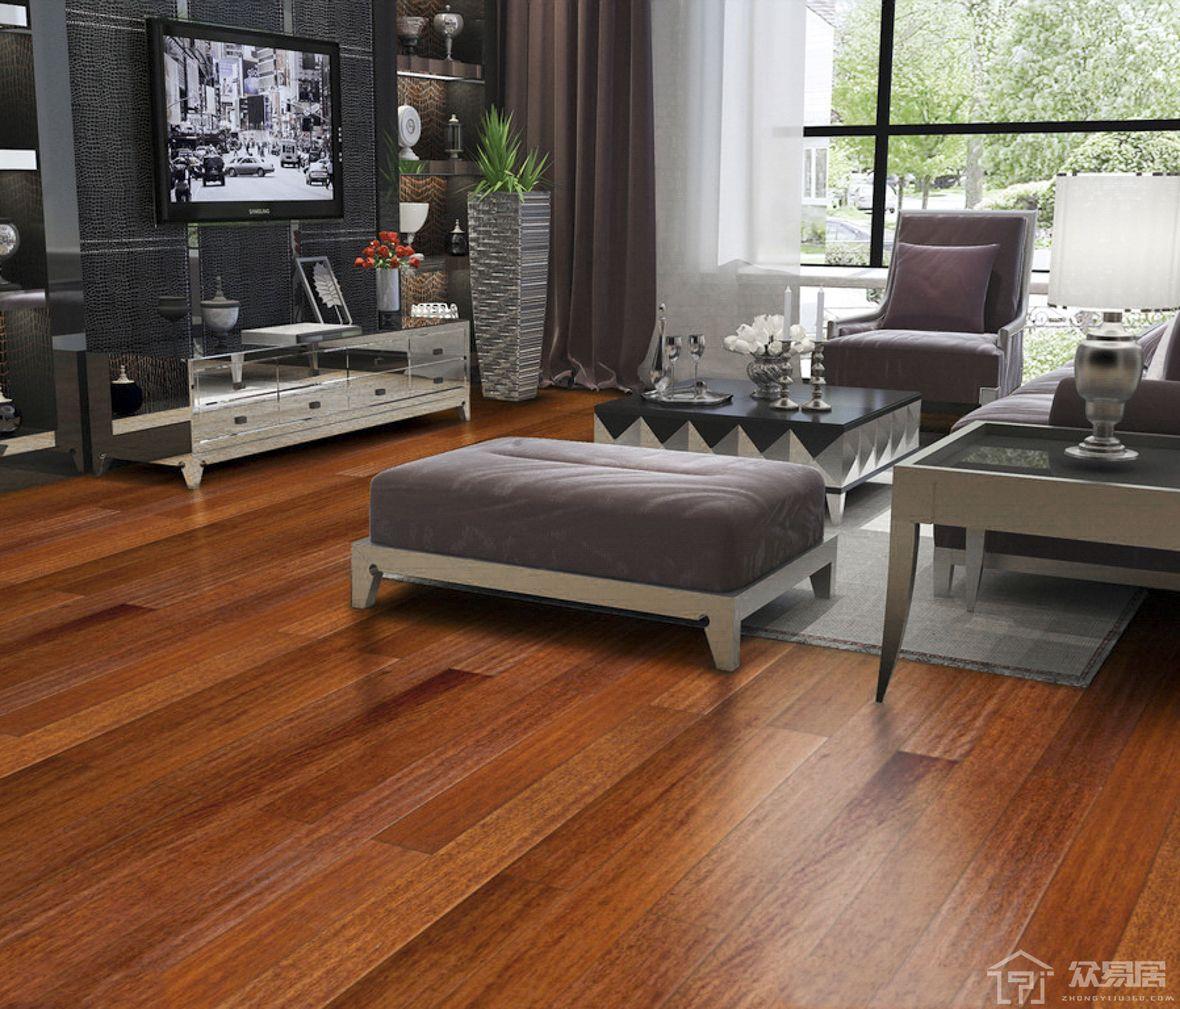 家庭地板日常保養小竅門 地板保養注意事項